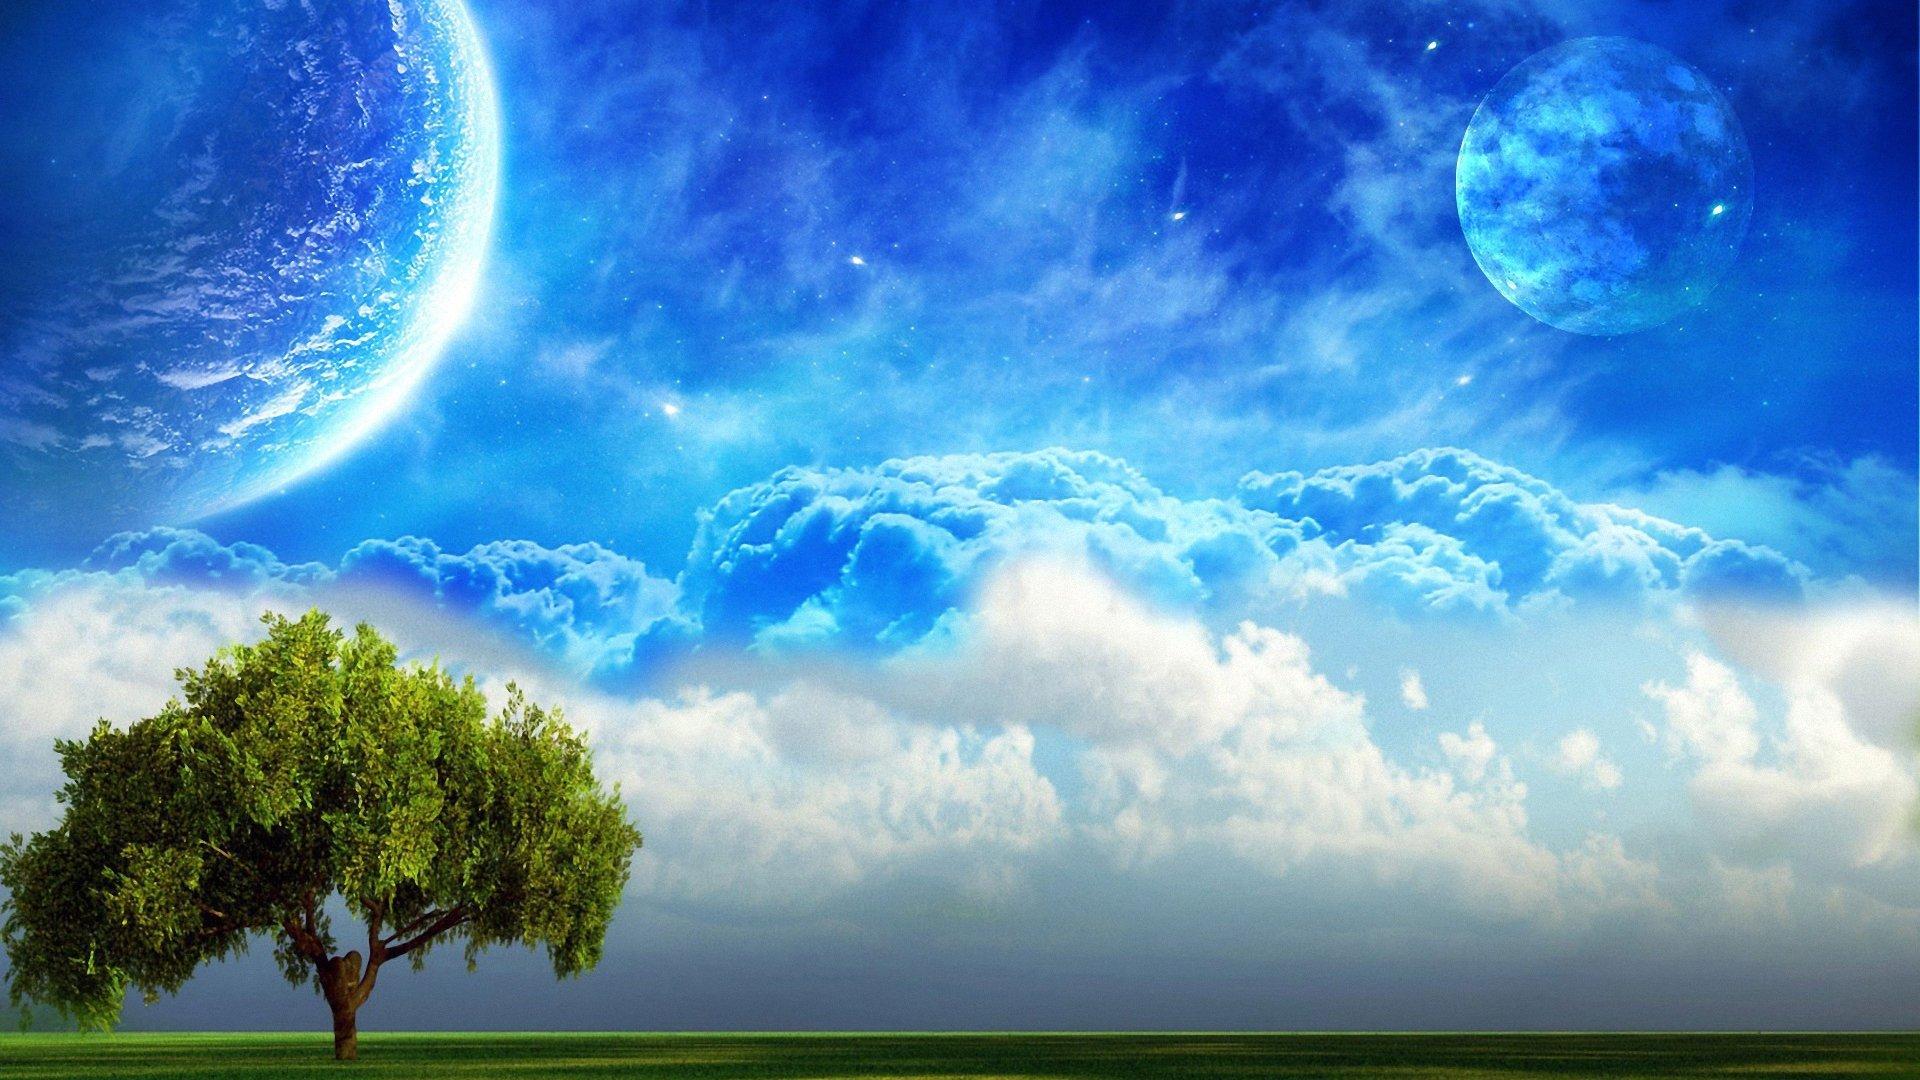 женственных картинка где встречаются небо и земля опыт уникальный